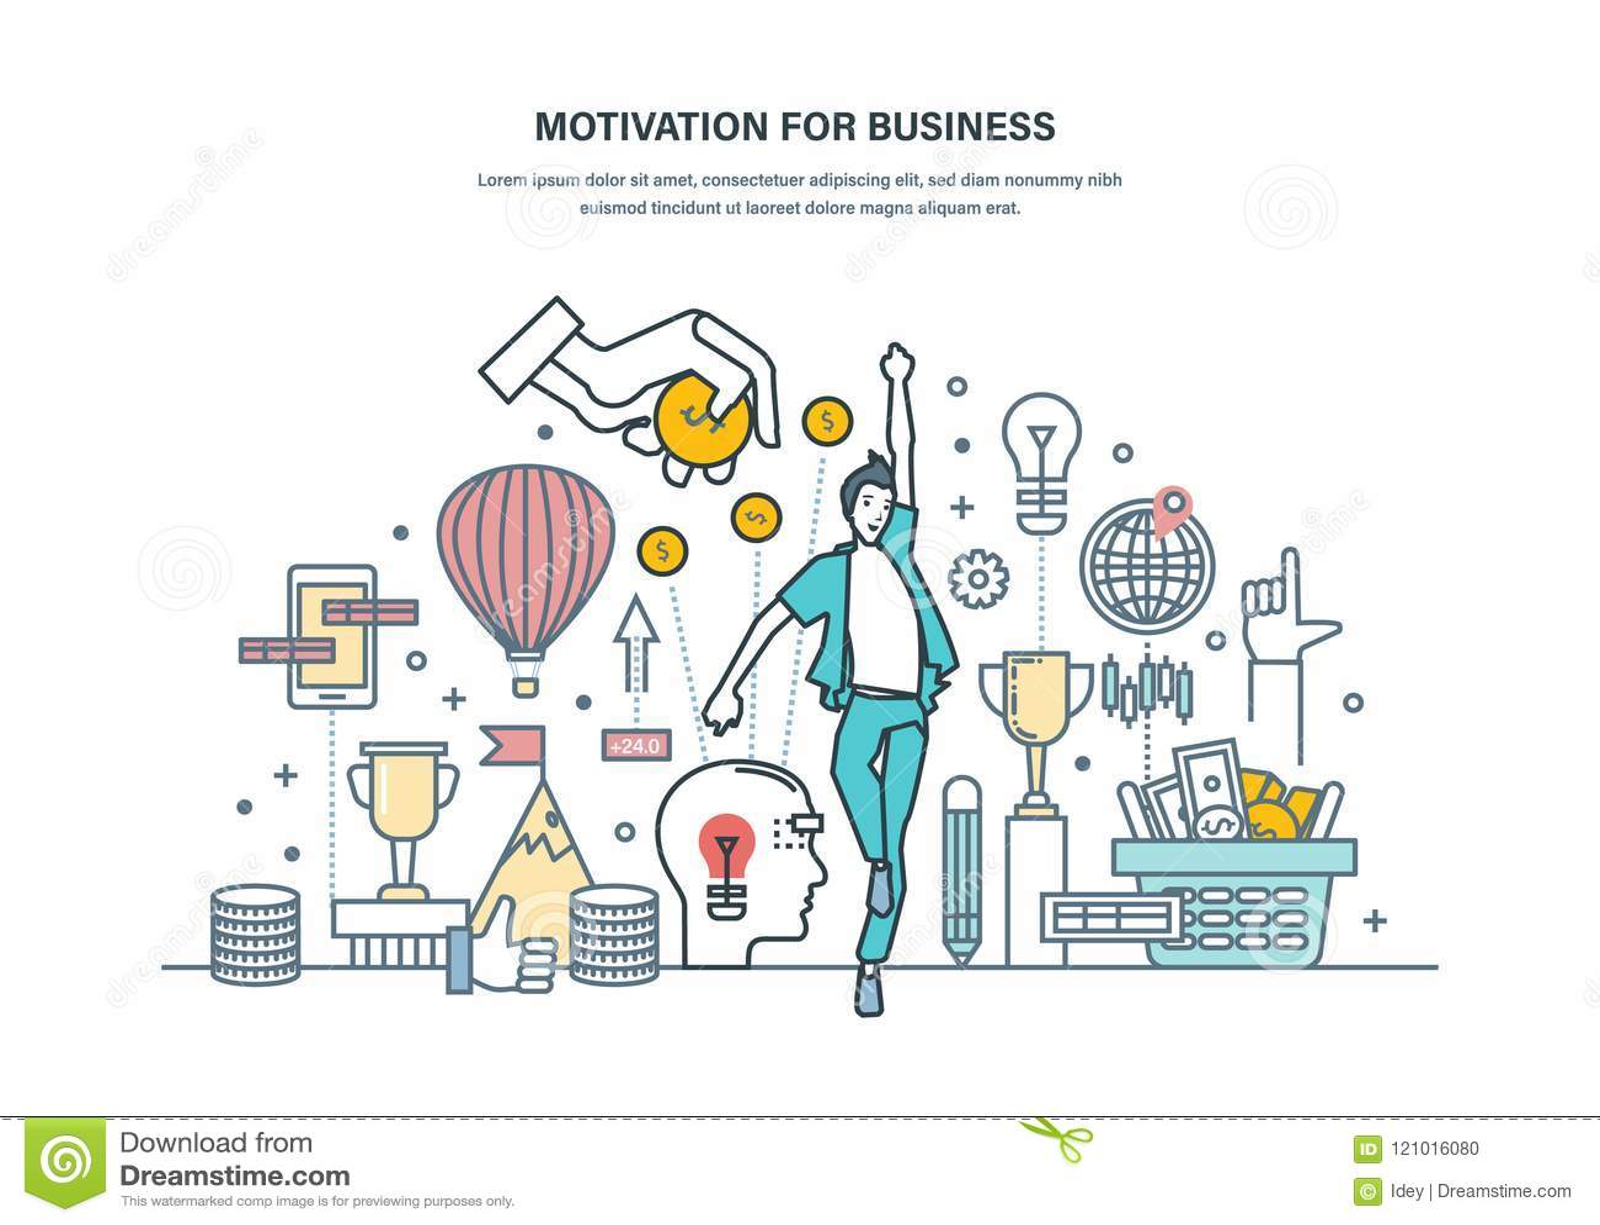 Motivatie voor Zaken Voltooiing van hoge doelstellingen, zelf-verbetering, de carrièregroei